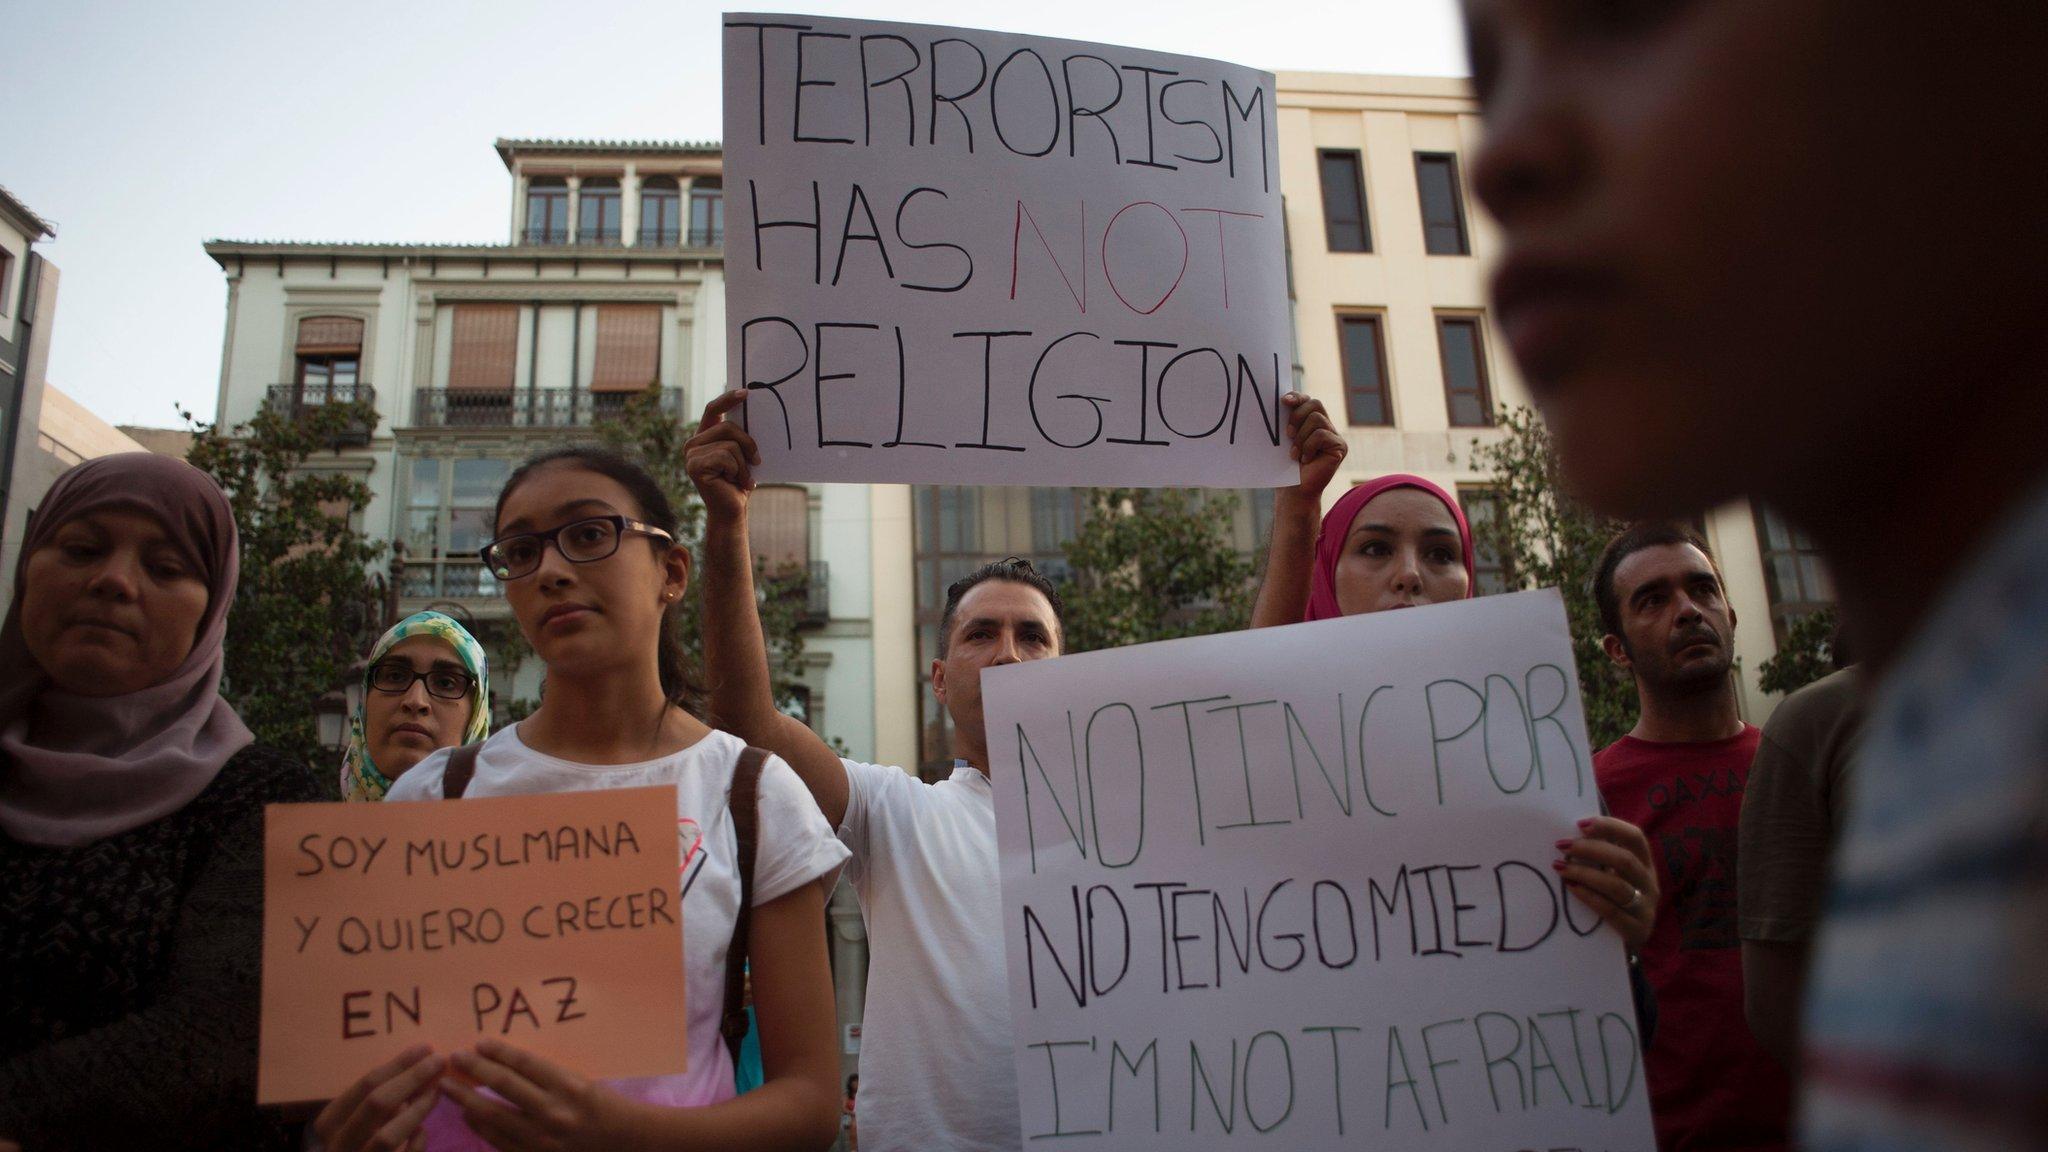 التقرير يشير إلى إرهاب اليمين المتطرف الذي يعادي بعض أفراده المسلمين